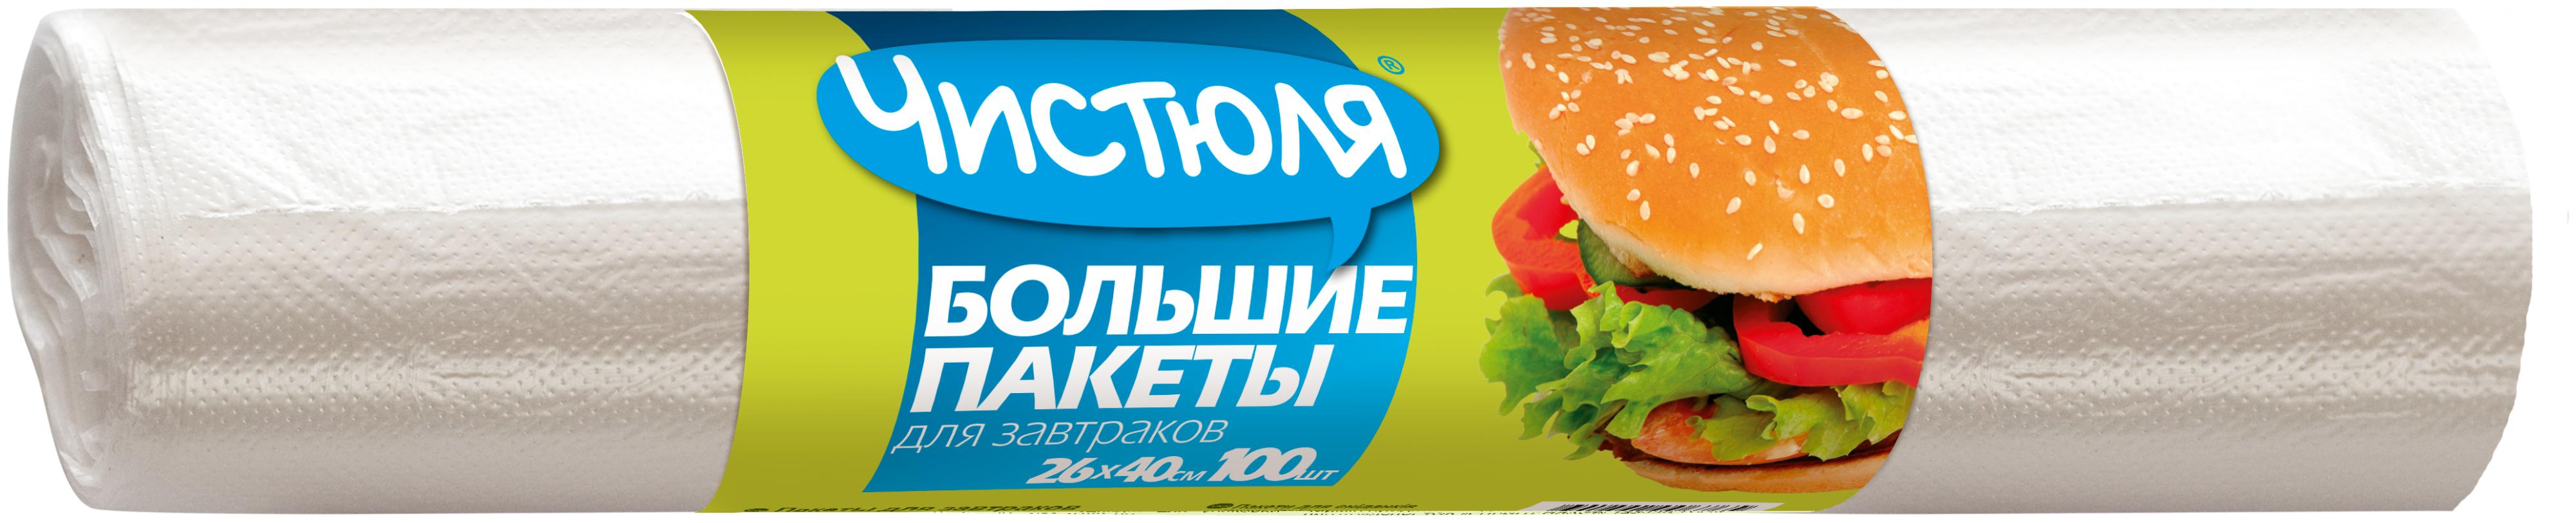 Купить Пакеты для завтрака Чистюля, 40 х 26 см, 100 шт. по низкой цене с доставкой из Яндекс.Маркета